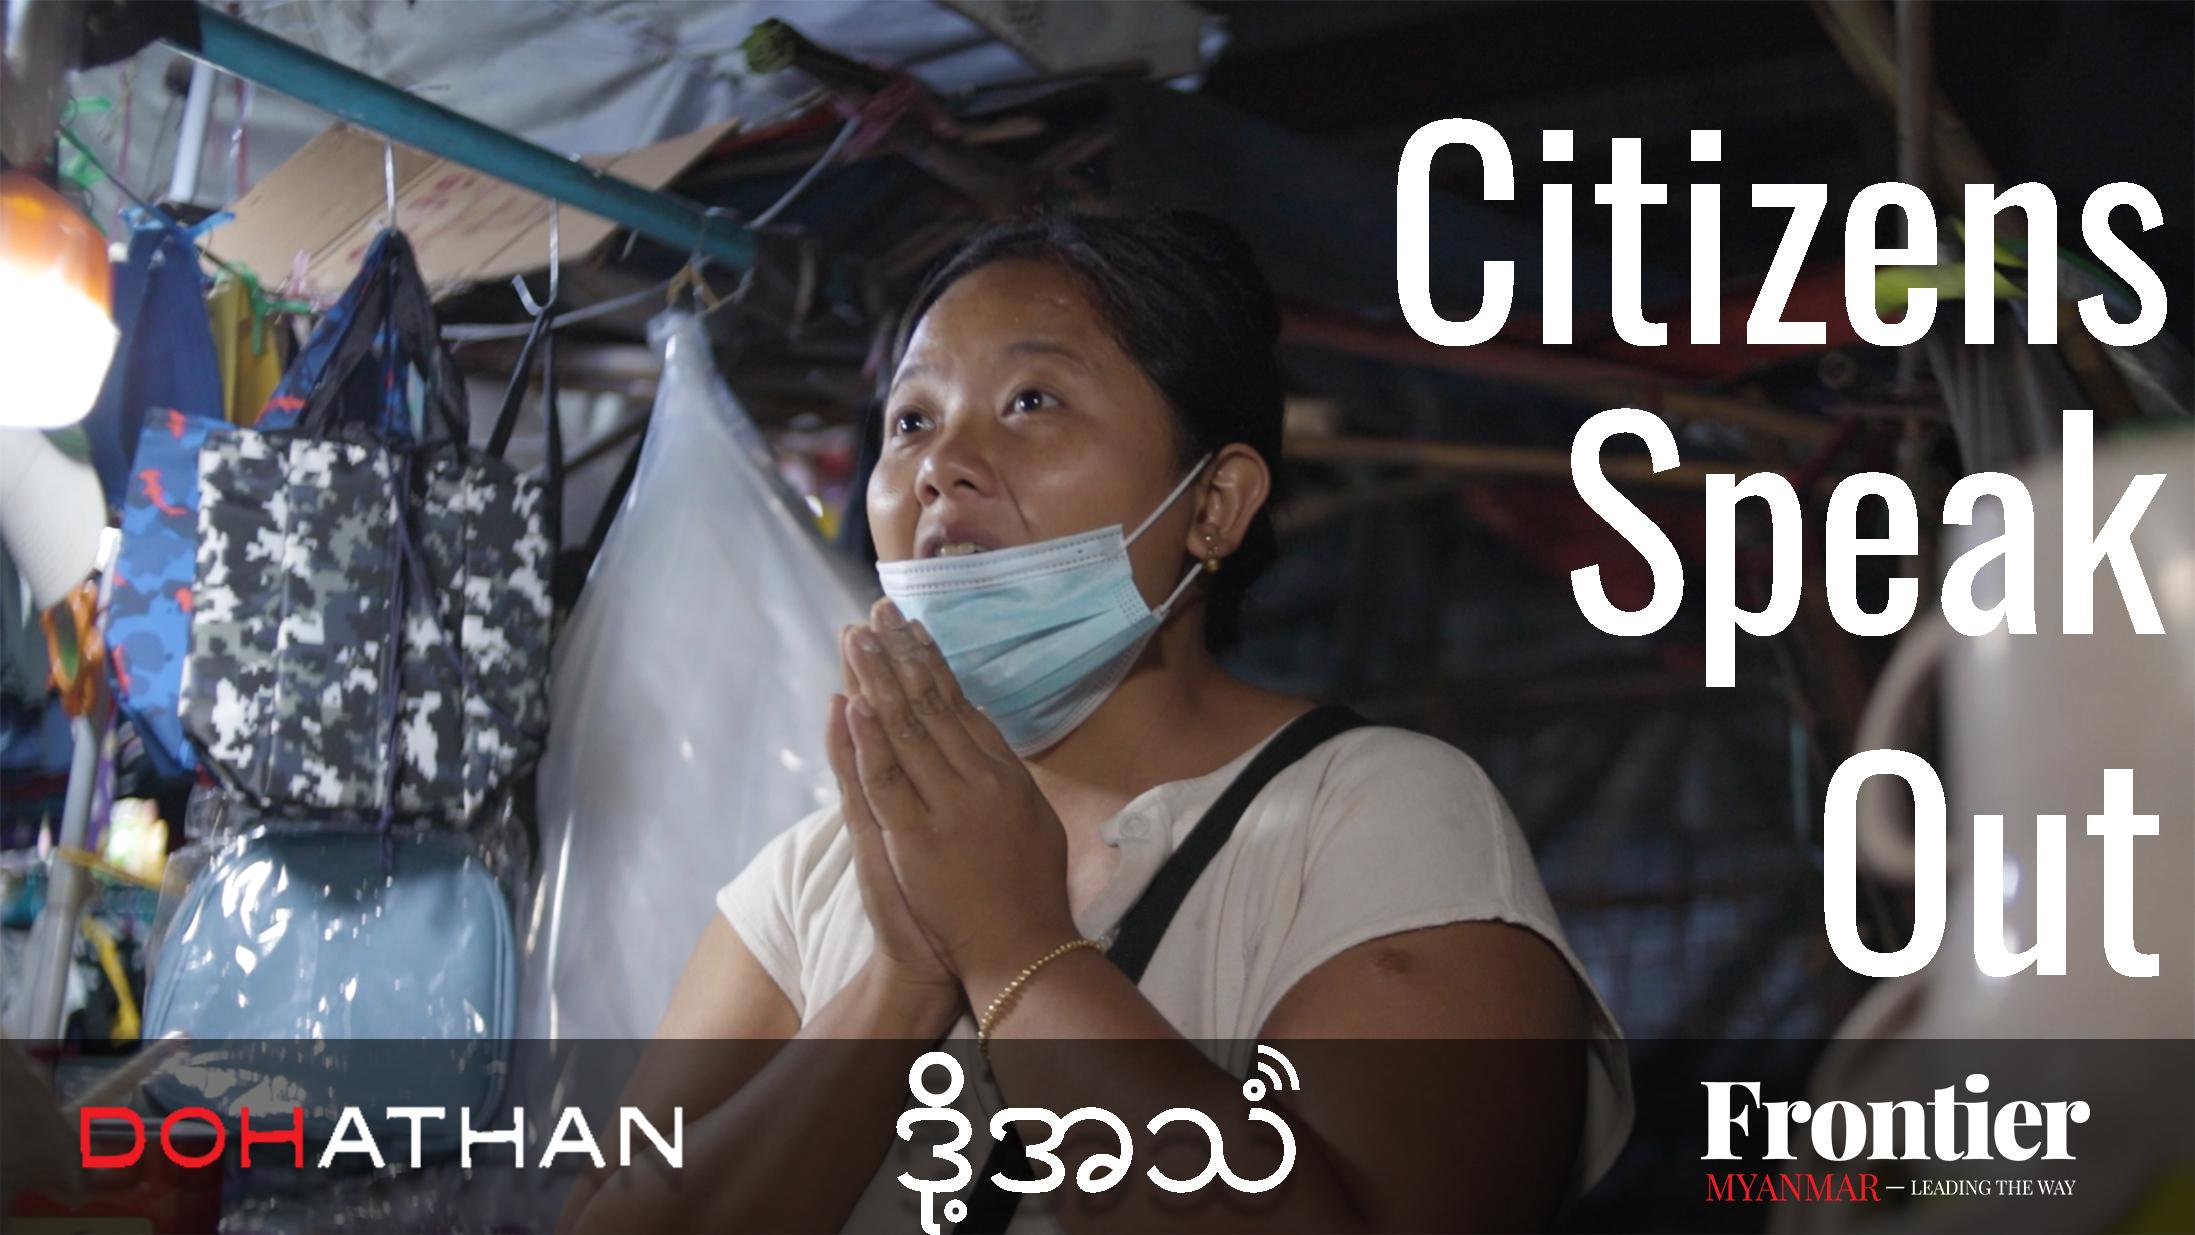 Citizens speak out thumbnail